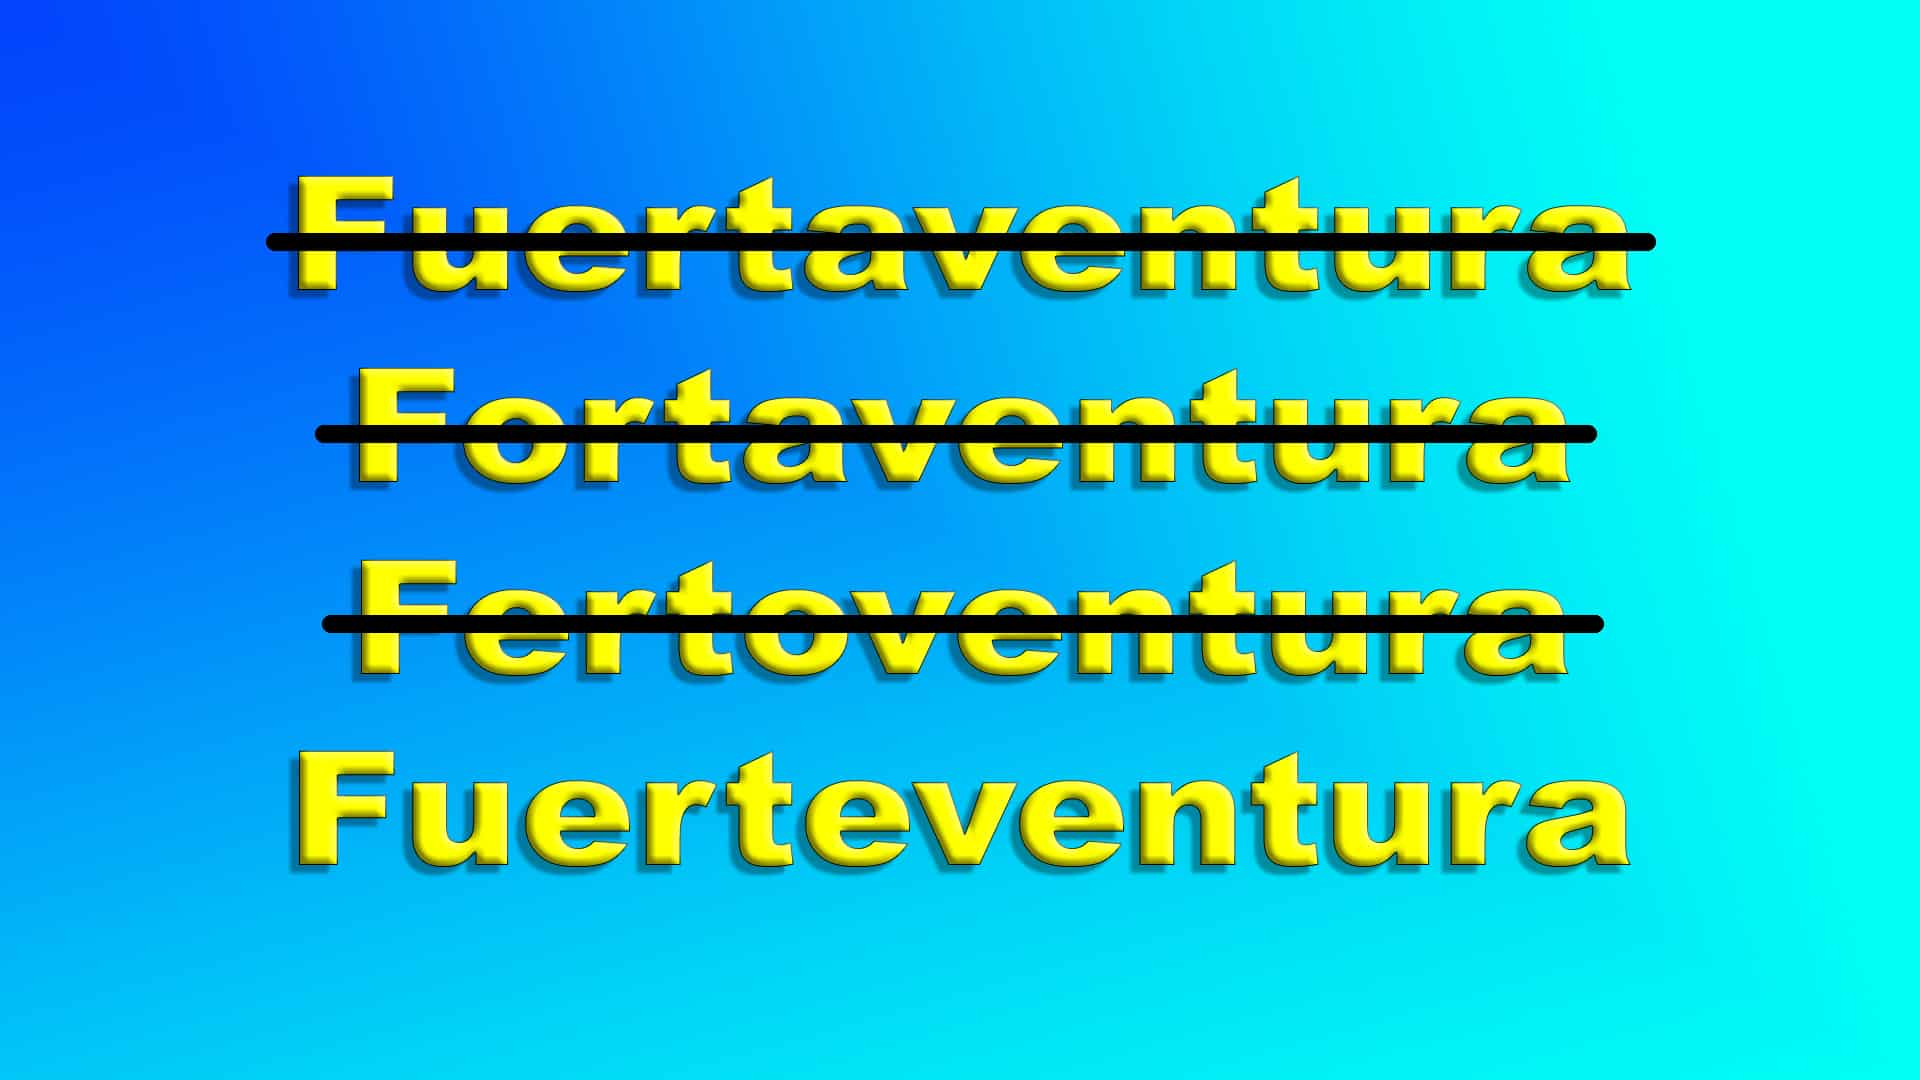 Spell Fuerteventura